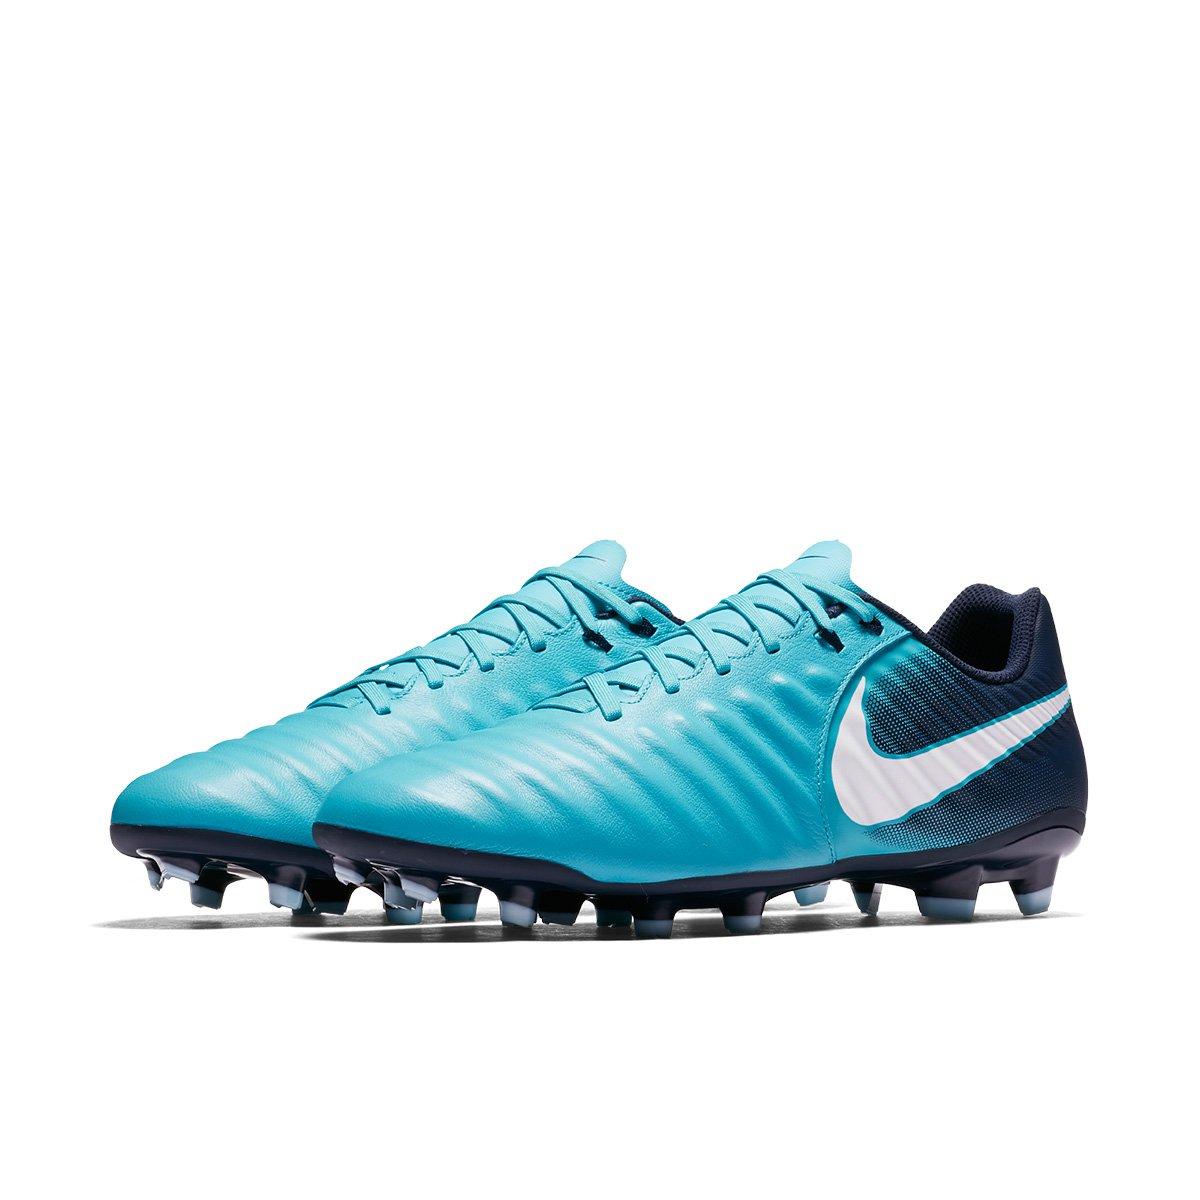 Chuteira Campo Nike Tiempo Ligera 4 Fg Masculina Compre Agora 32d7222cdfdf7